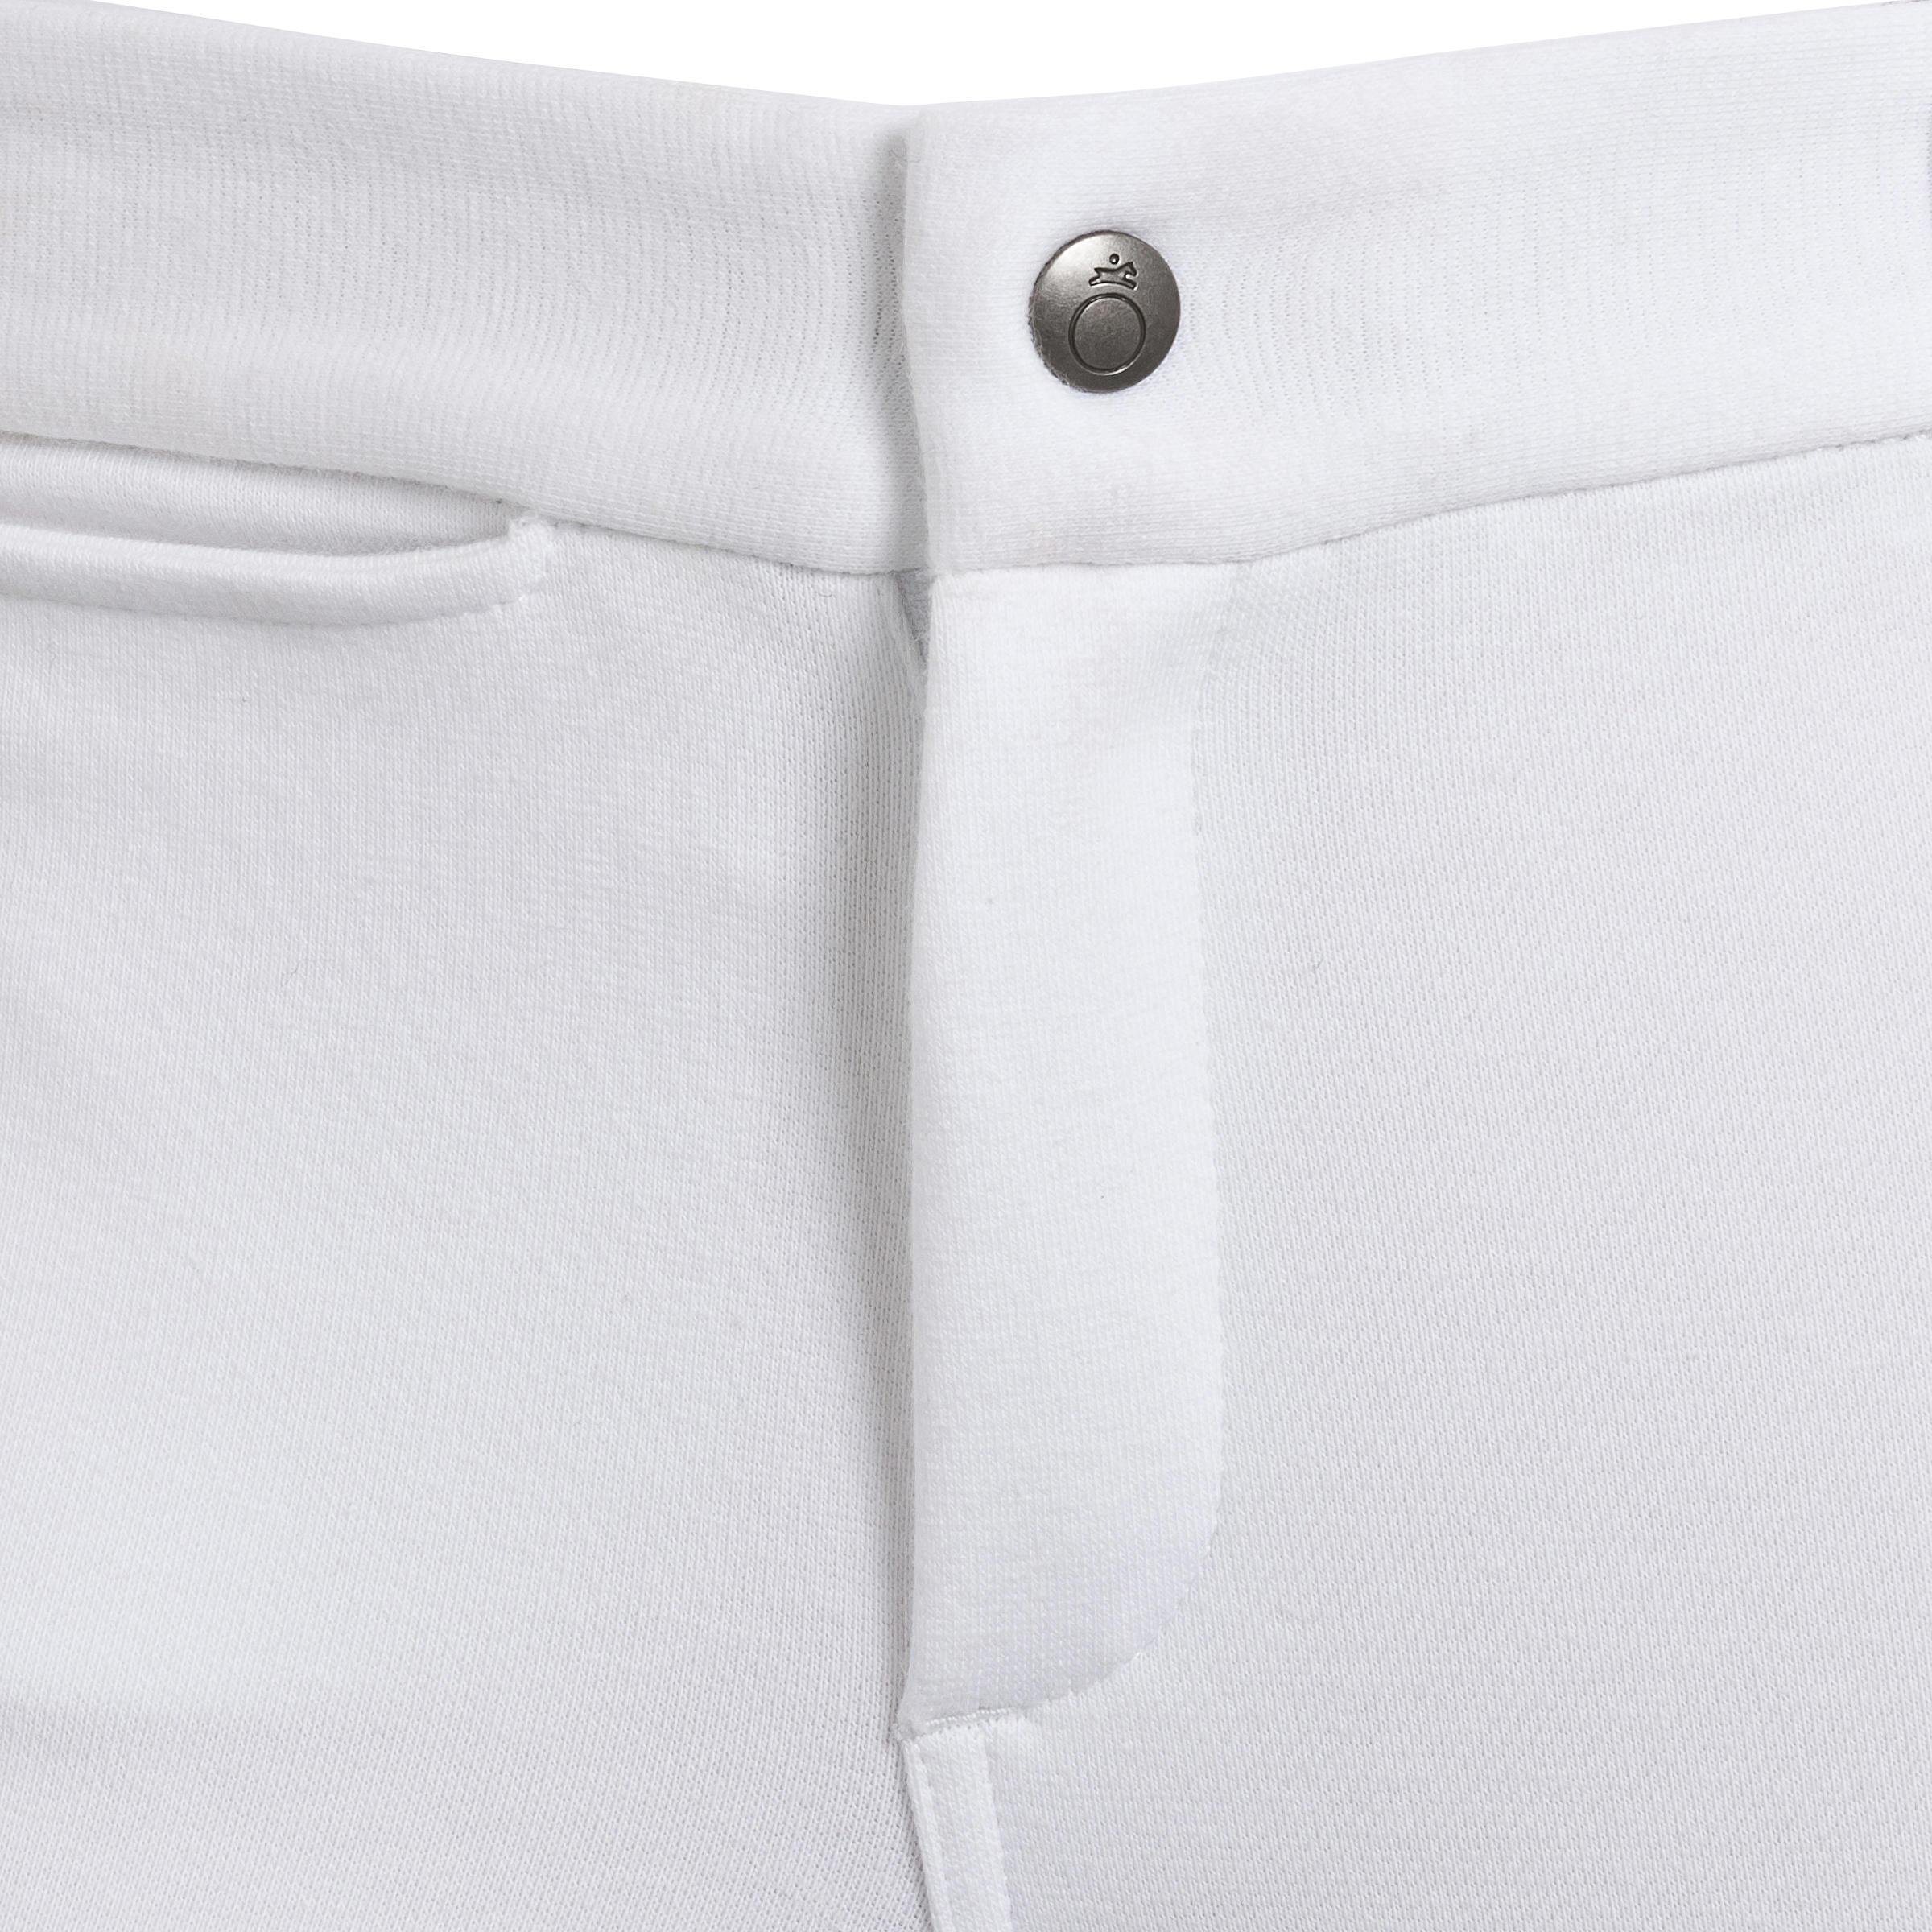 Pantalon Concours équitation enfant BR100 blanc